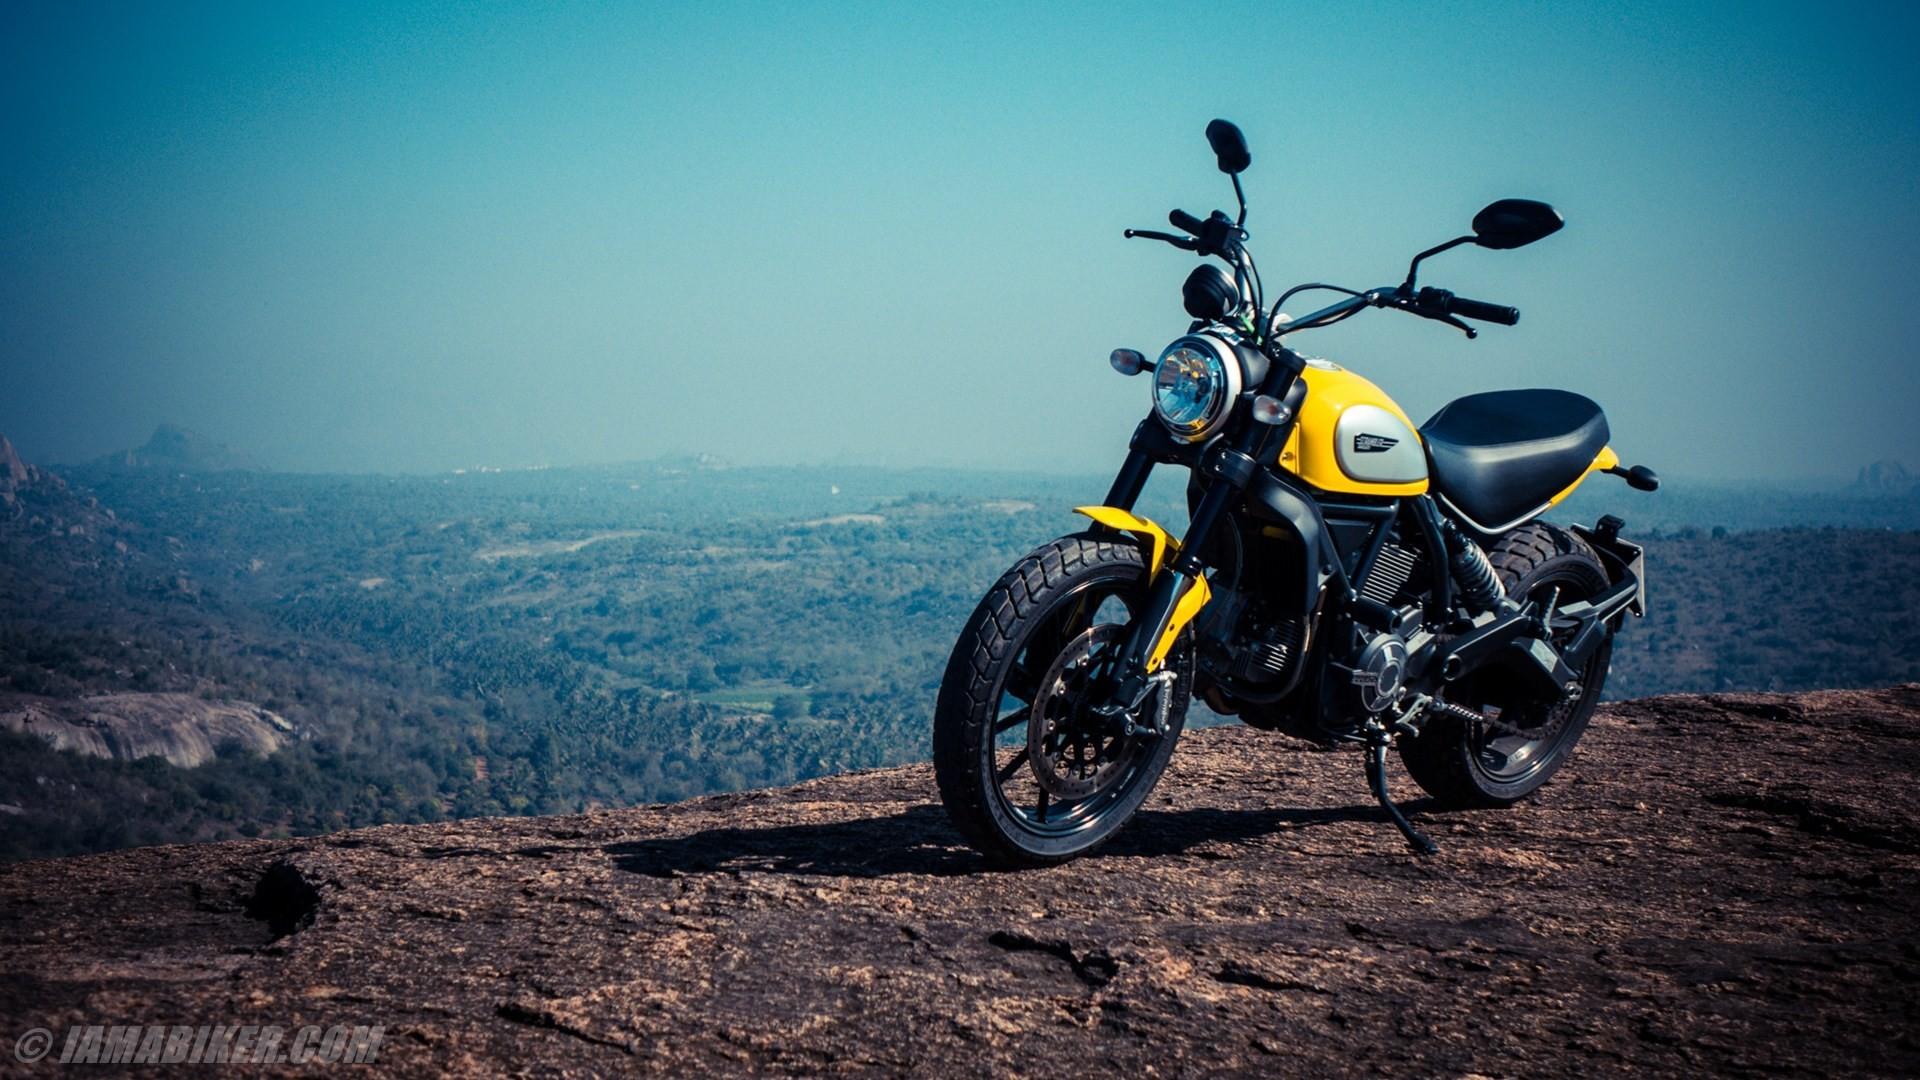 Res: 1920x1080, Ducati Scrambler HD wallpaper